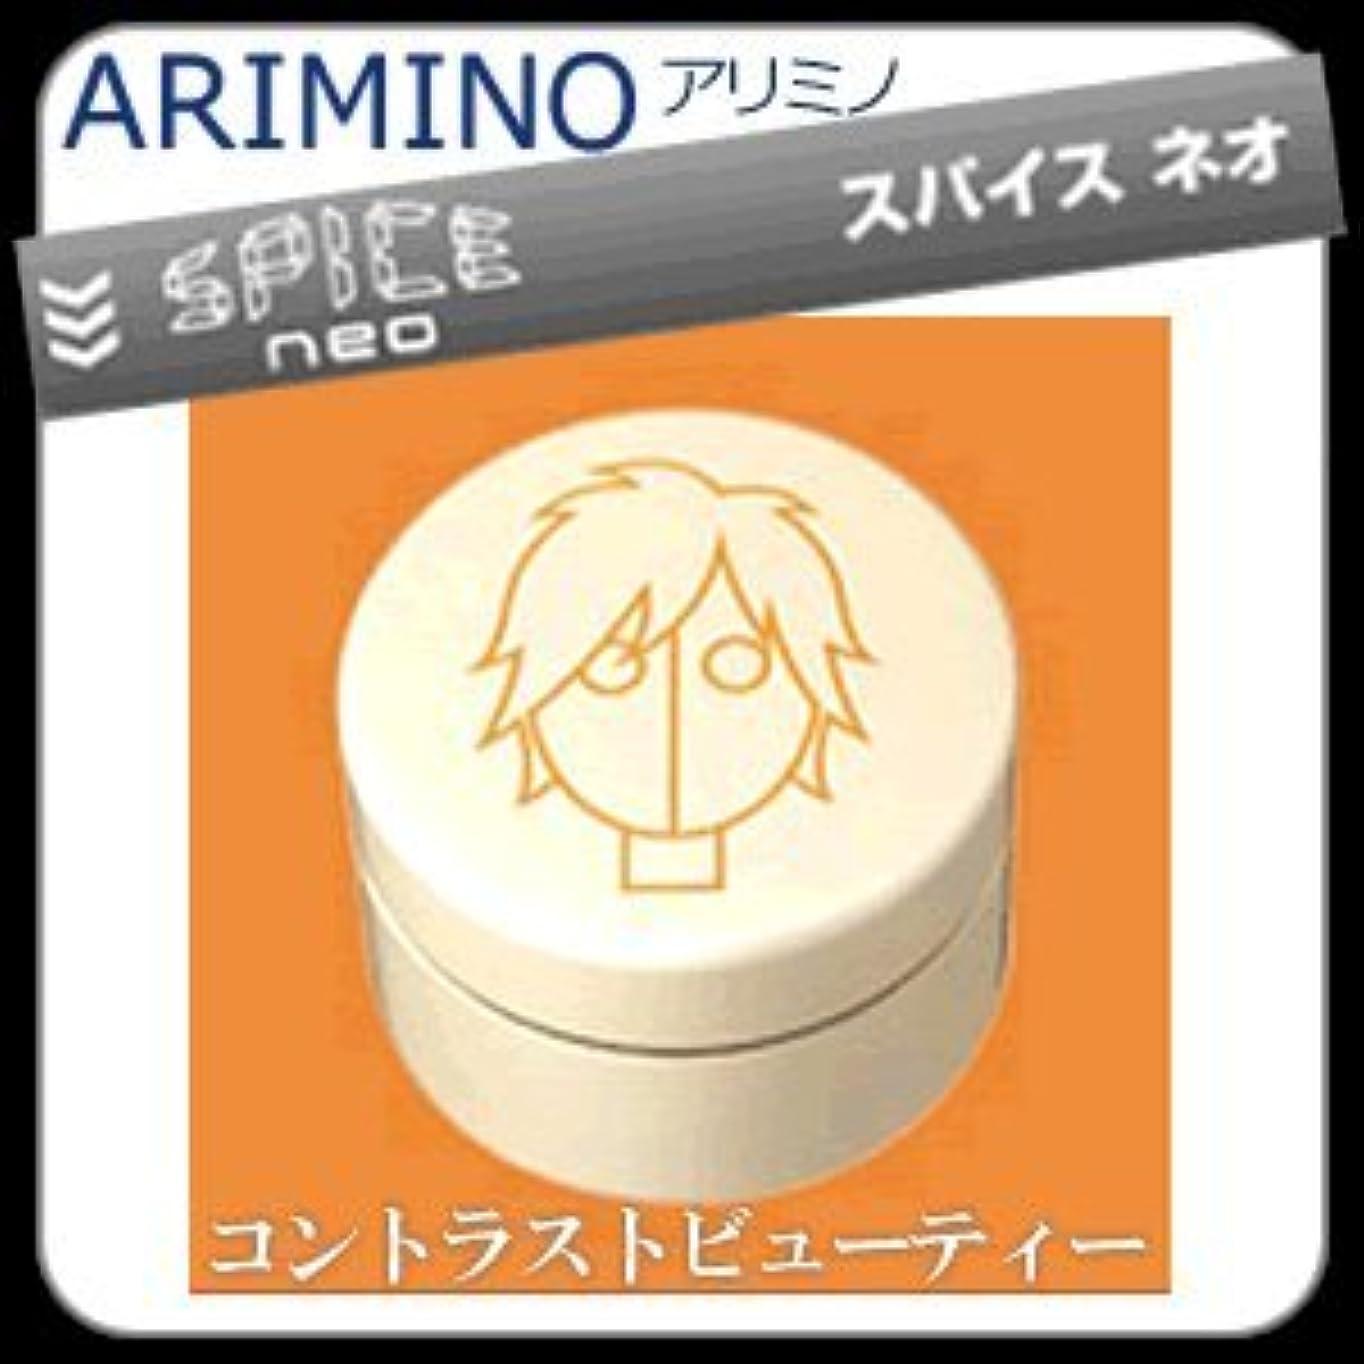 ぺディカブ約設定地域【X2個セット】 アリミノ スパイスネオ LIGHT HARD-WAX ライトハードワックス 100g ARIMINO SPICE neo